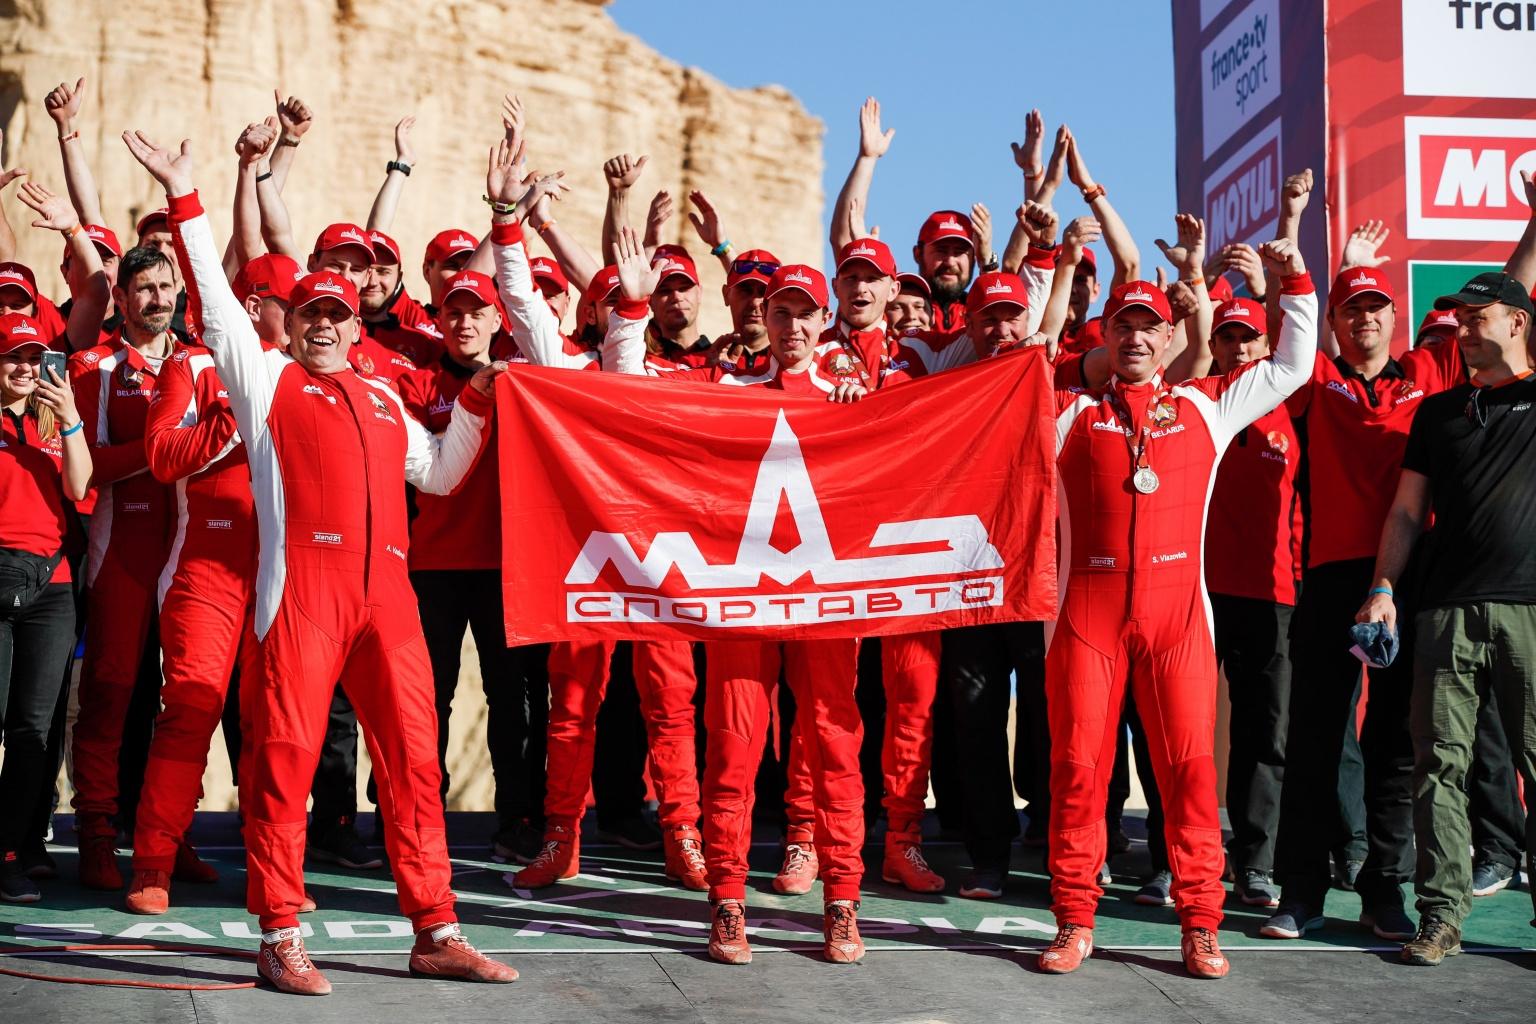 Dakar-2021 стартует 3 января и пройдет по территории Саудовской Аравии 7